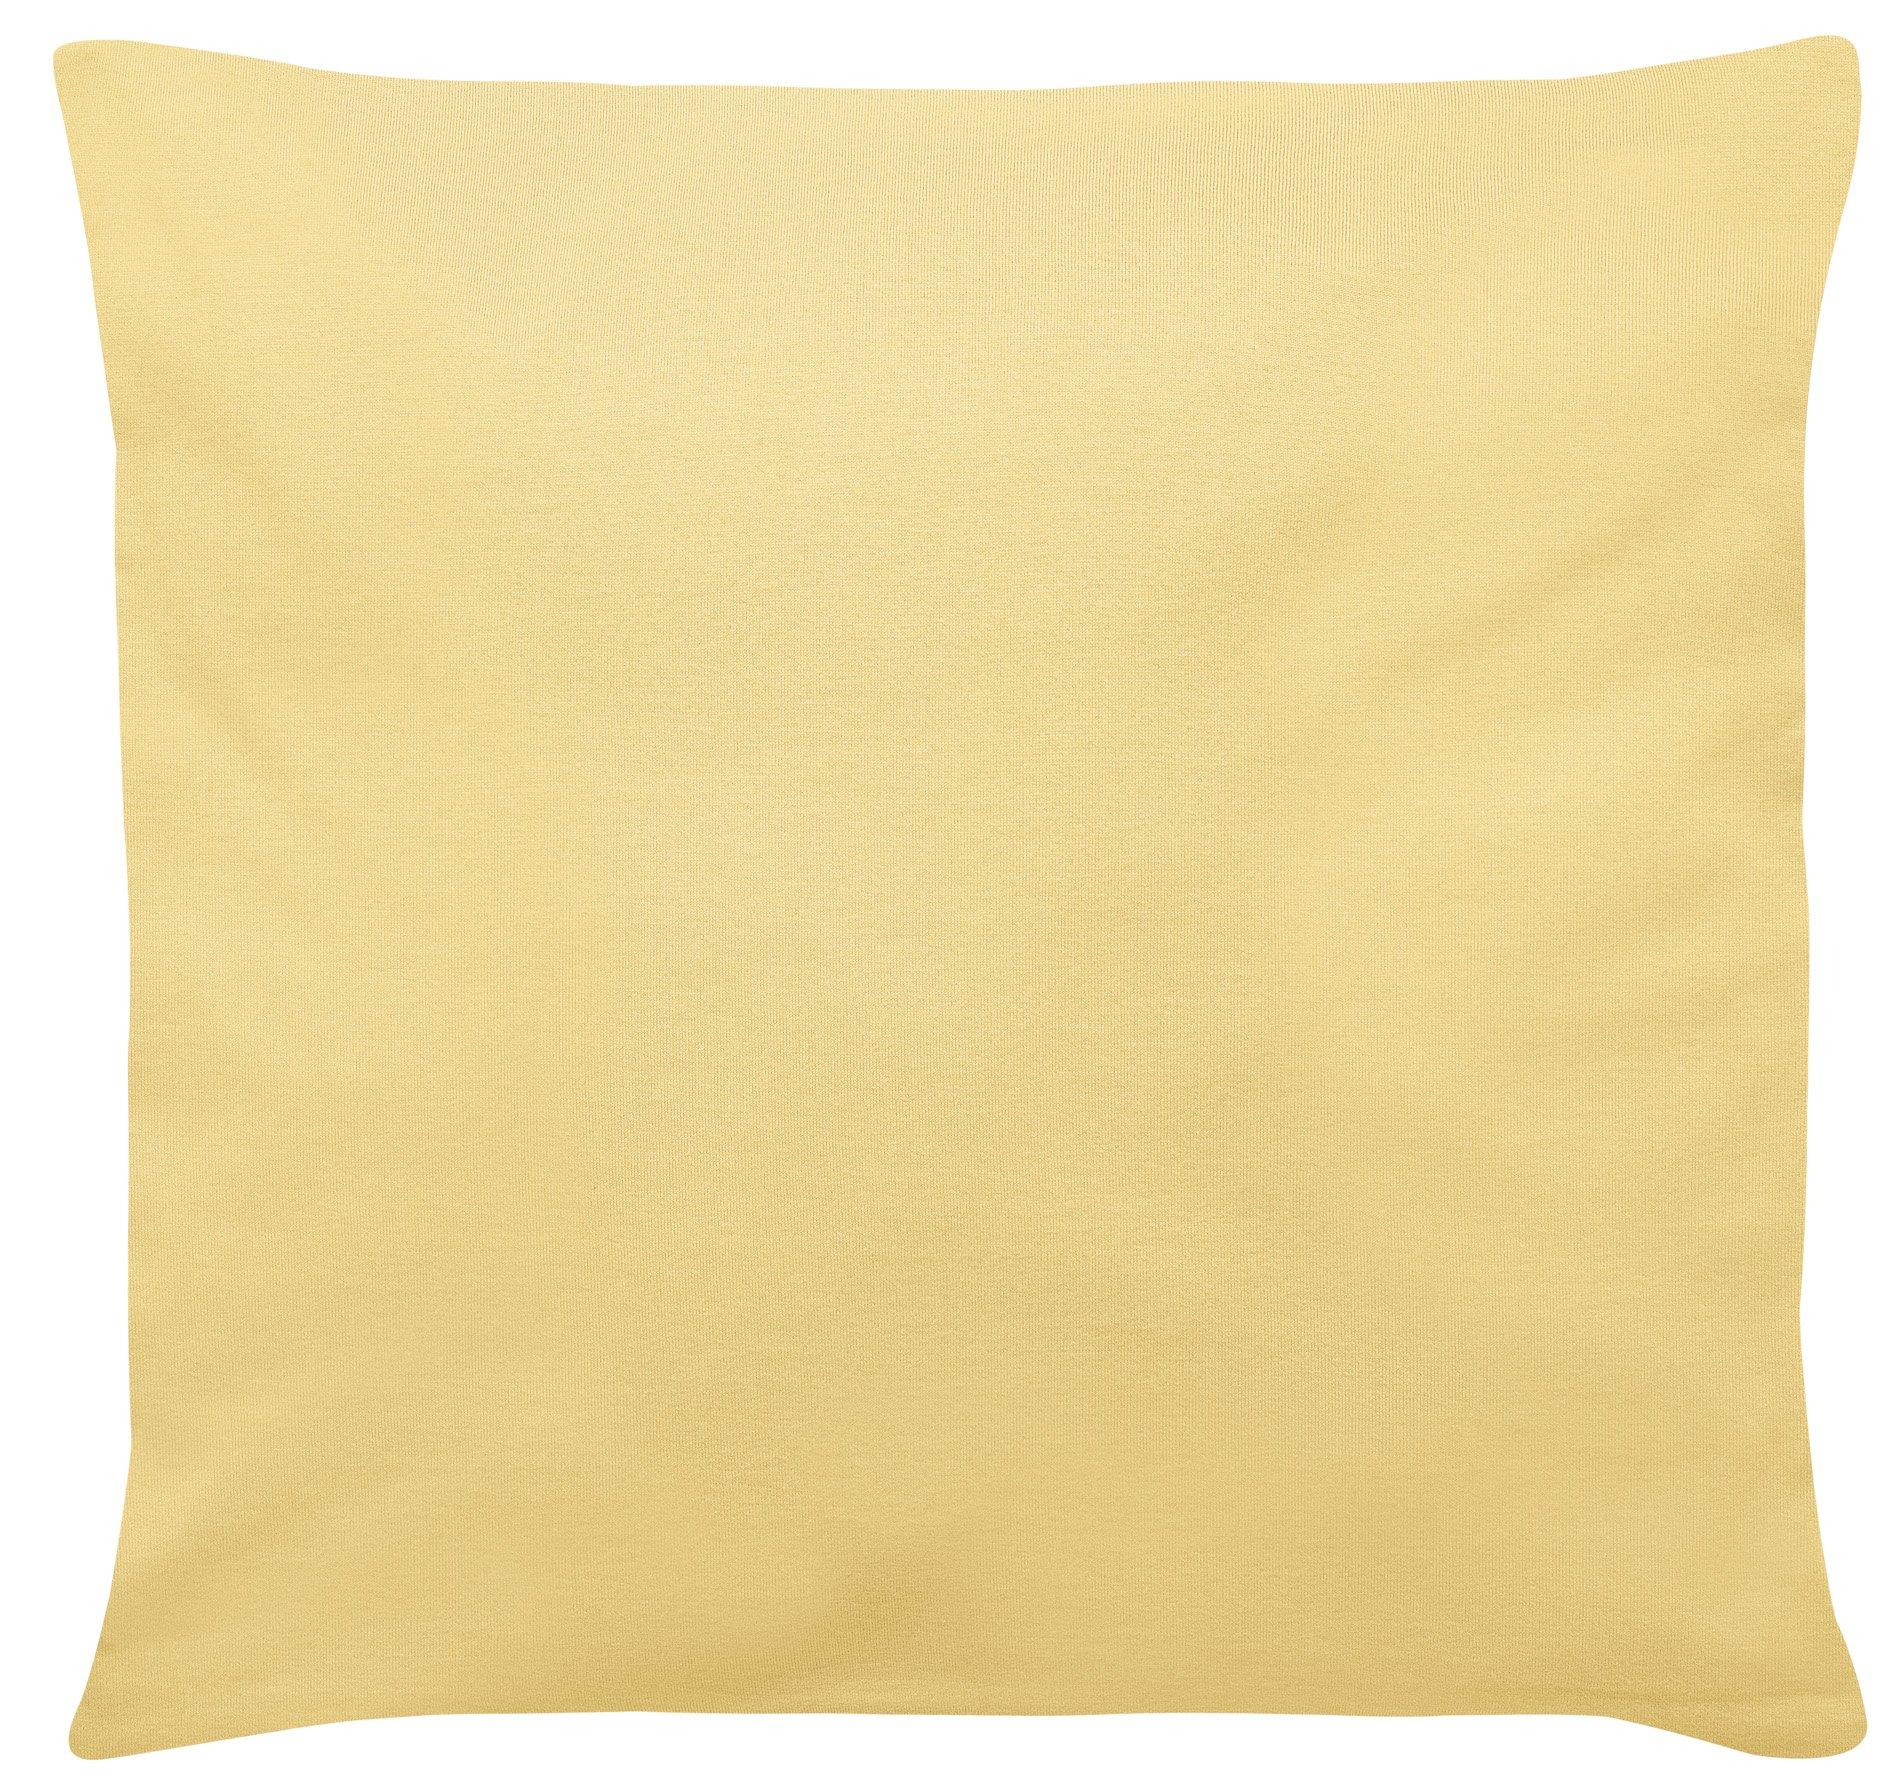 Edel-Zwirn-Jersey gelb B40cm